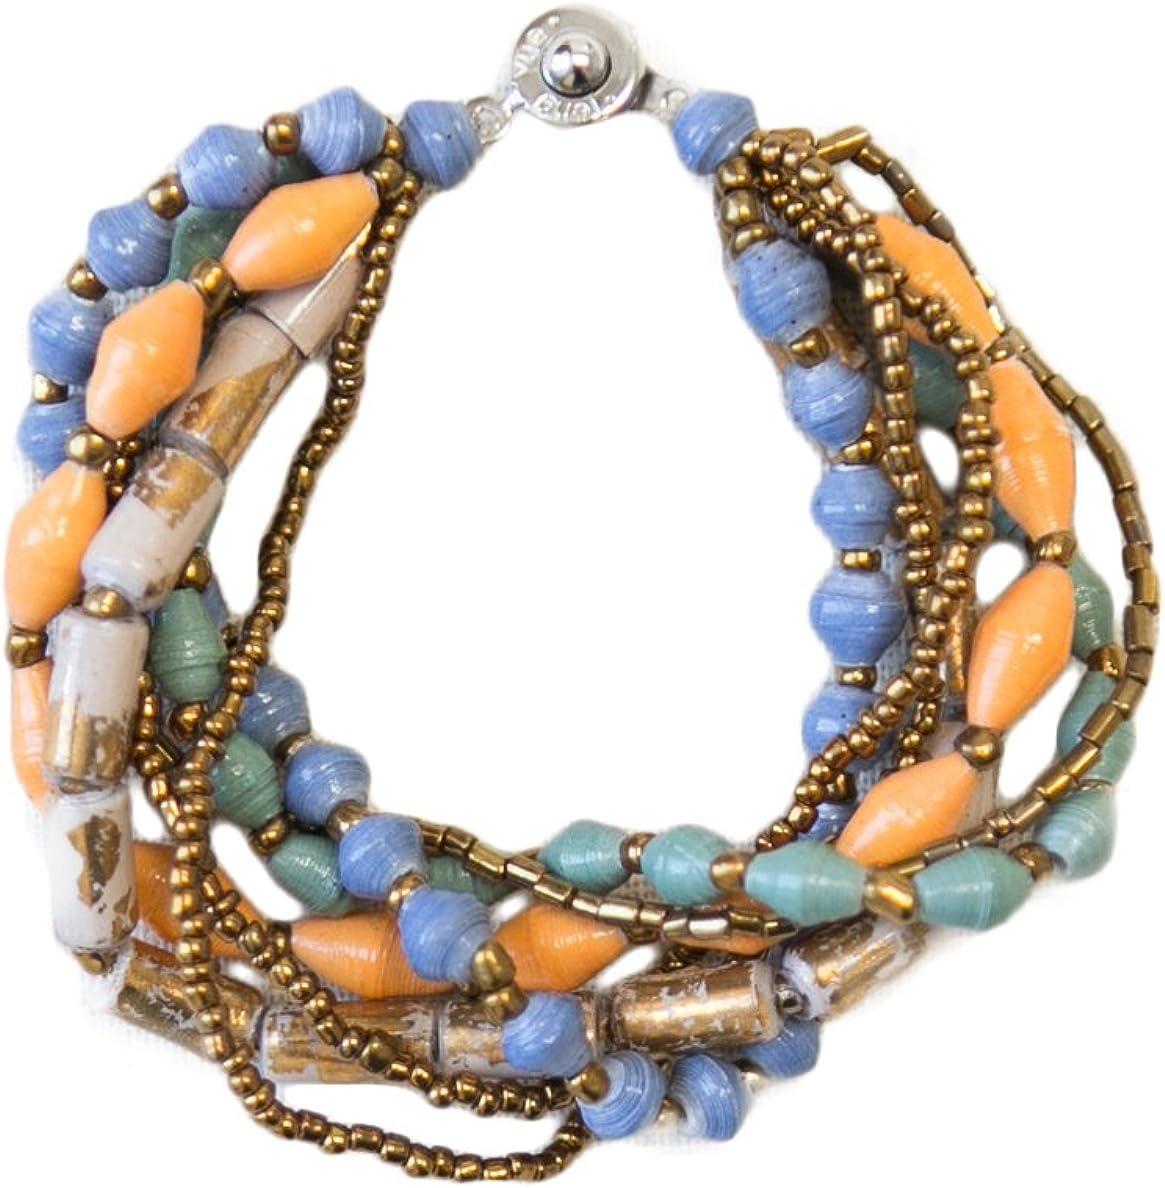 31 Super sale period limited Bits - Bracelet Large-scale sale Owami